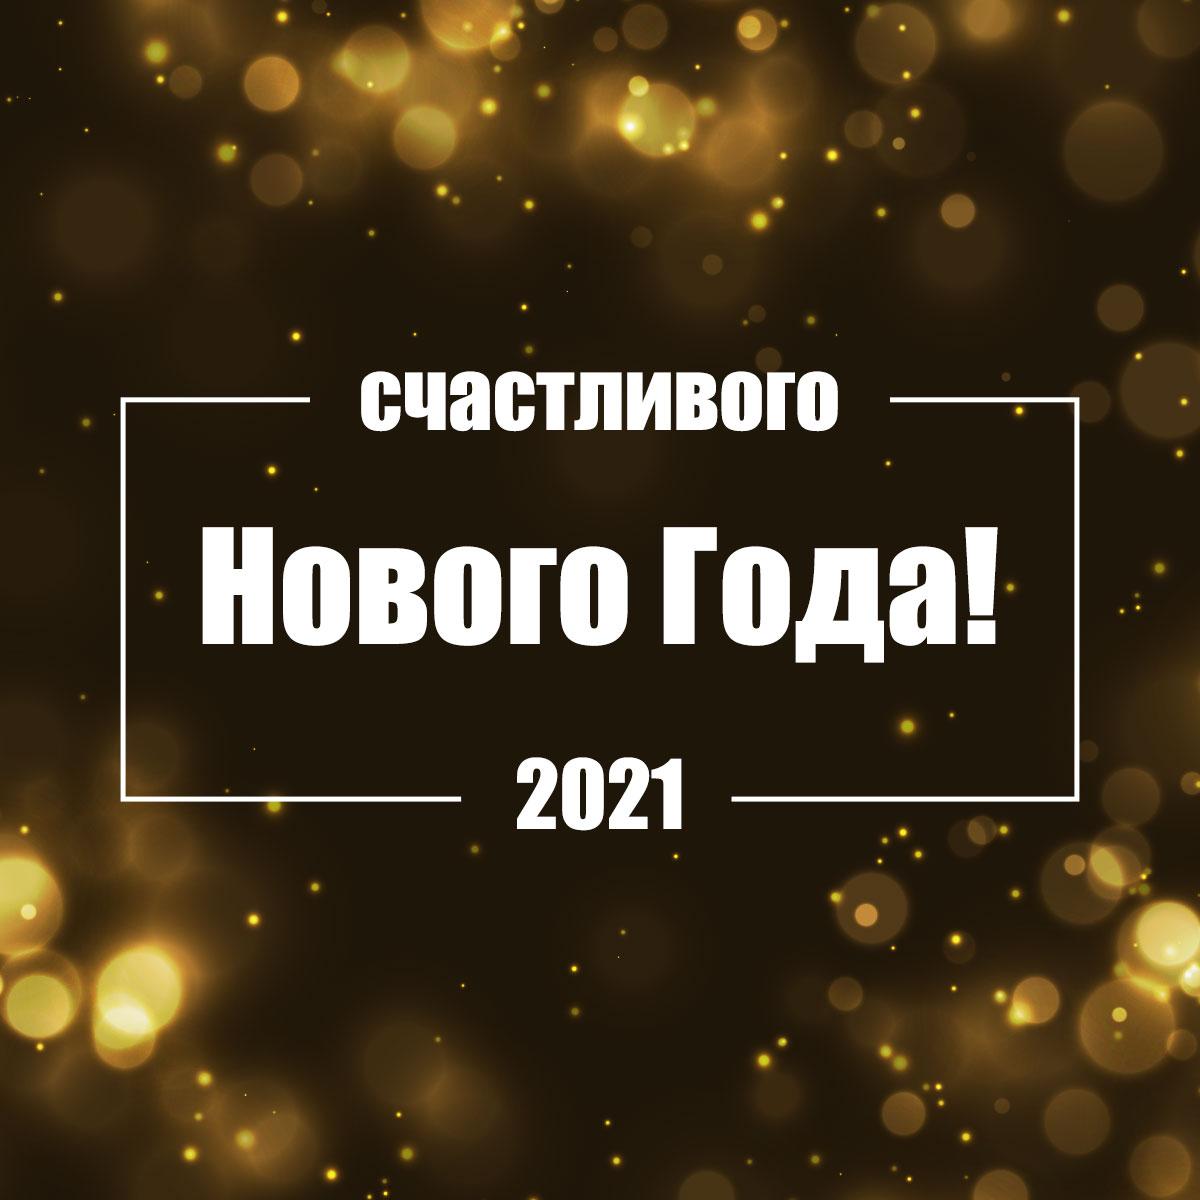 Картинка с текстом на оригинальные новогодние открытки на ночном фоне с золотыми бликами.